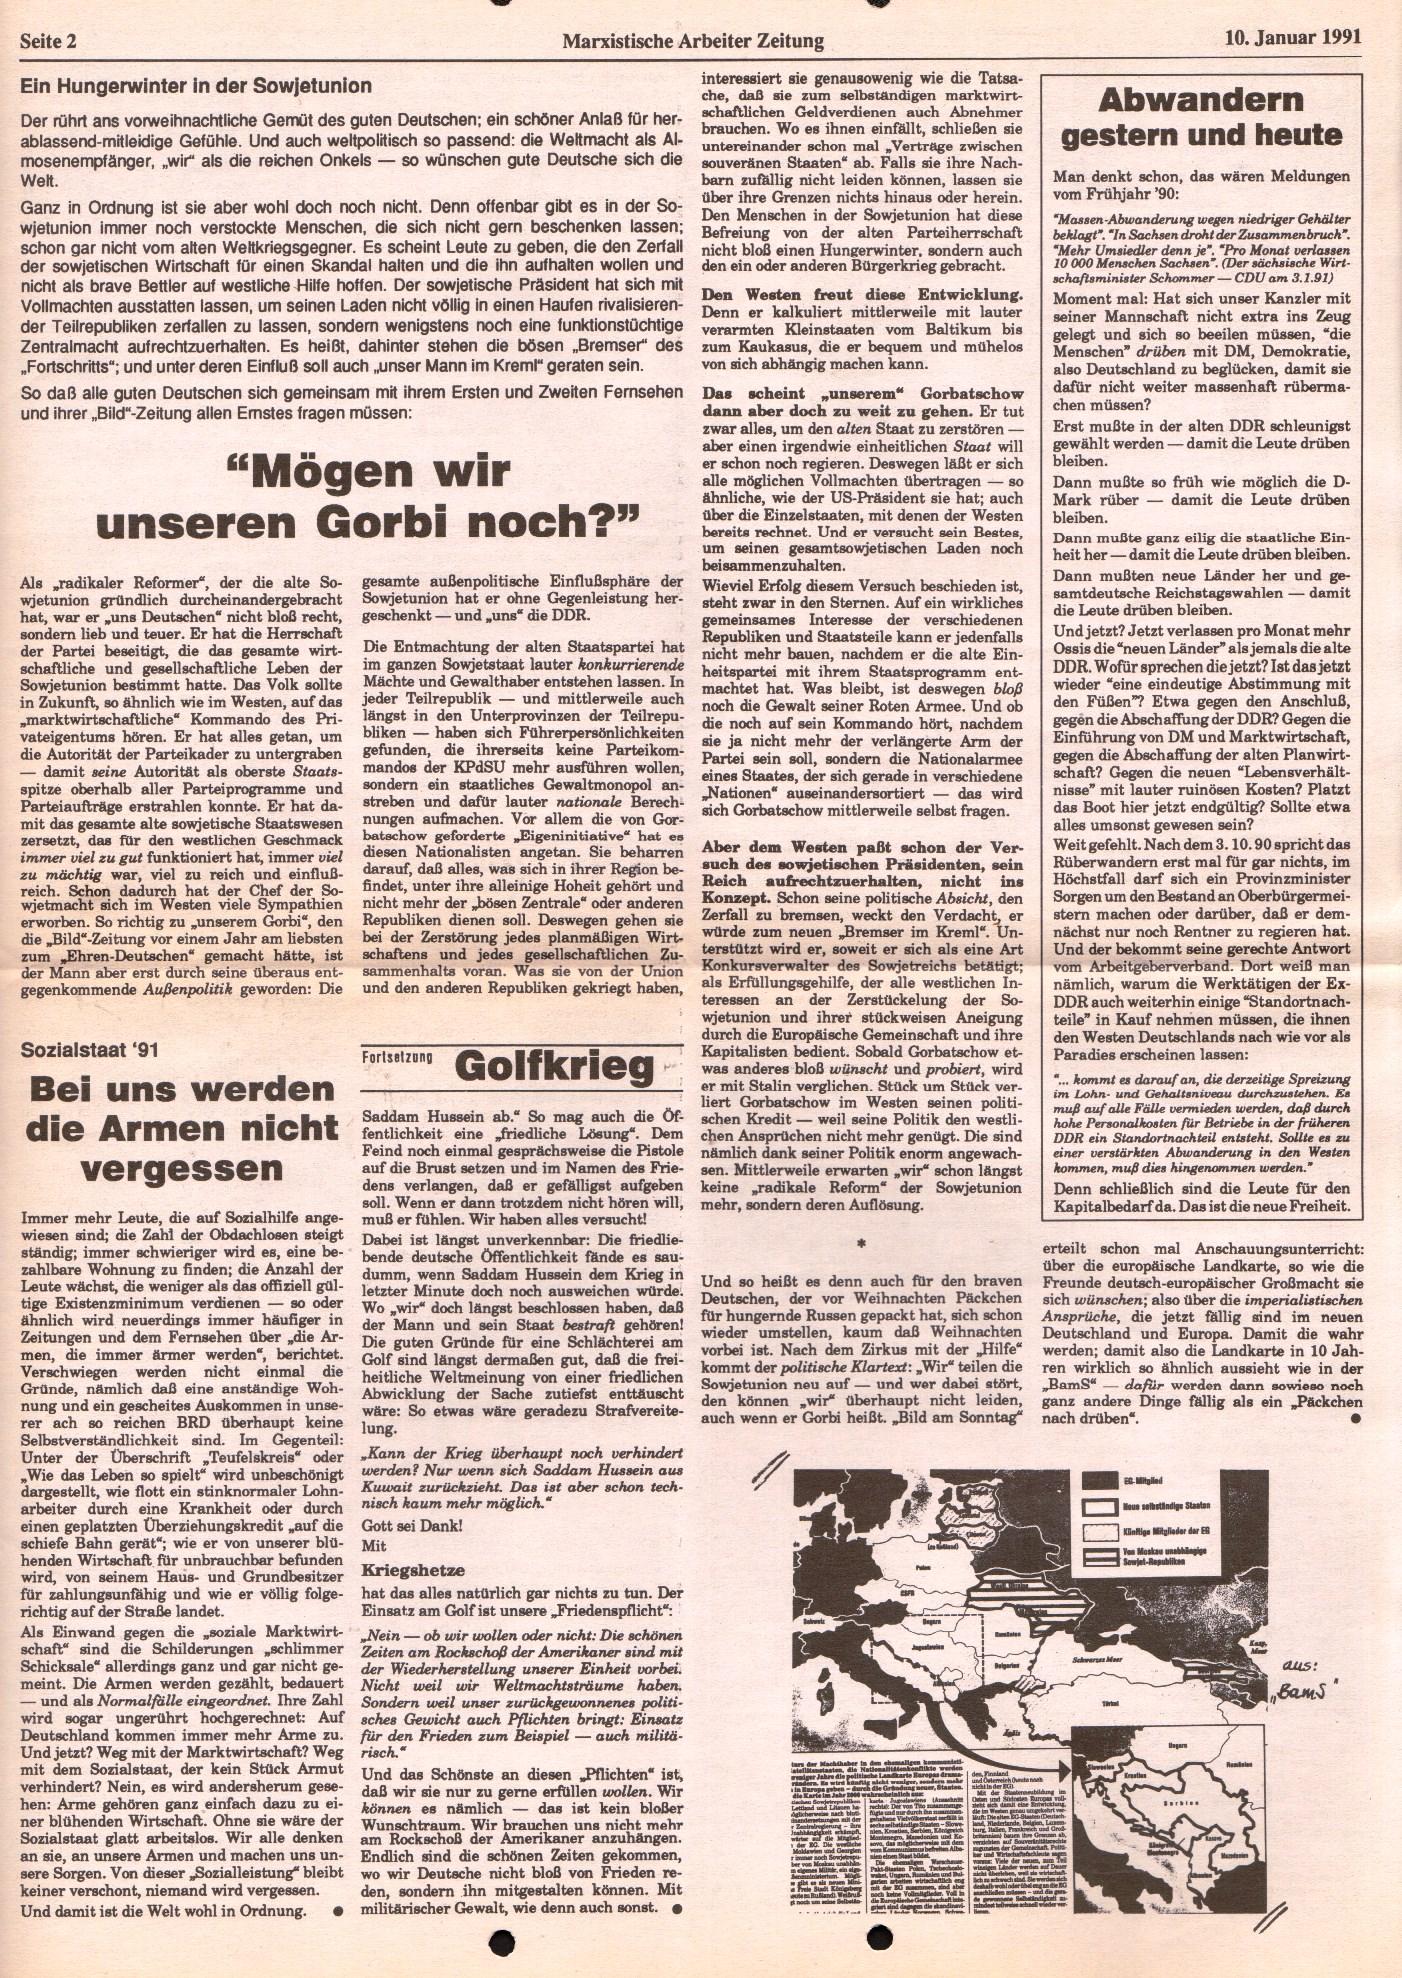 BW_MG_Marxistische_Arbeiterzeitung_19910110_02